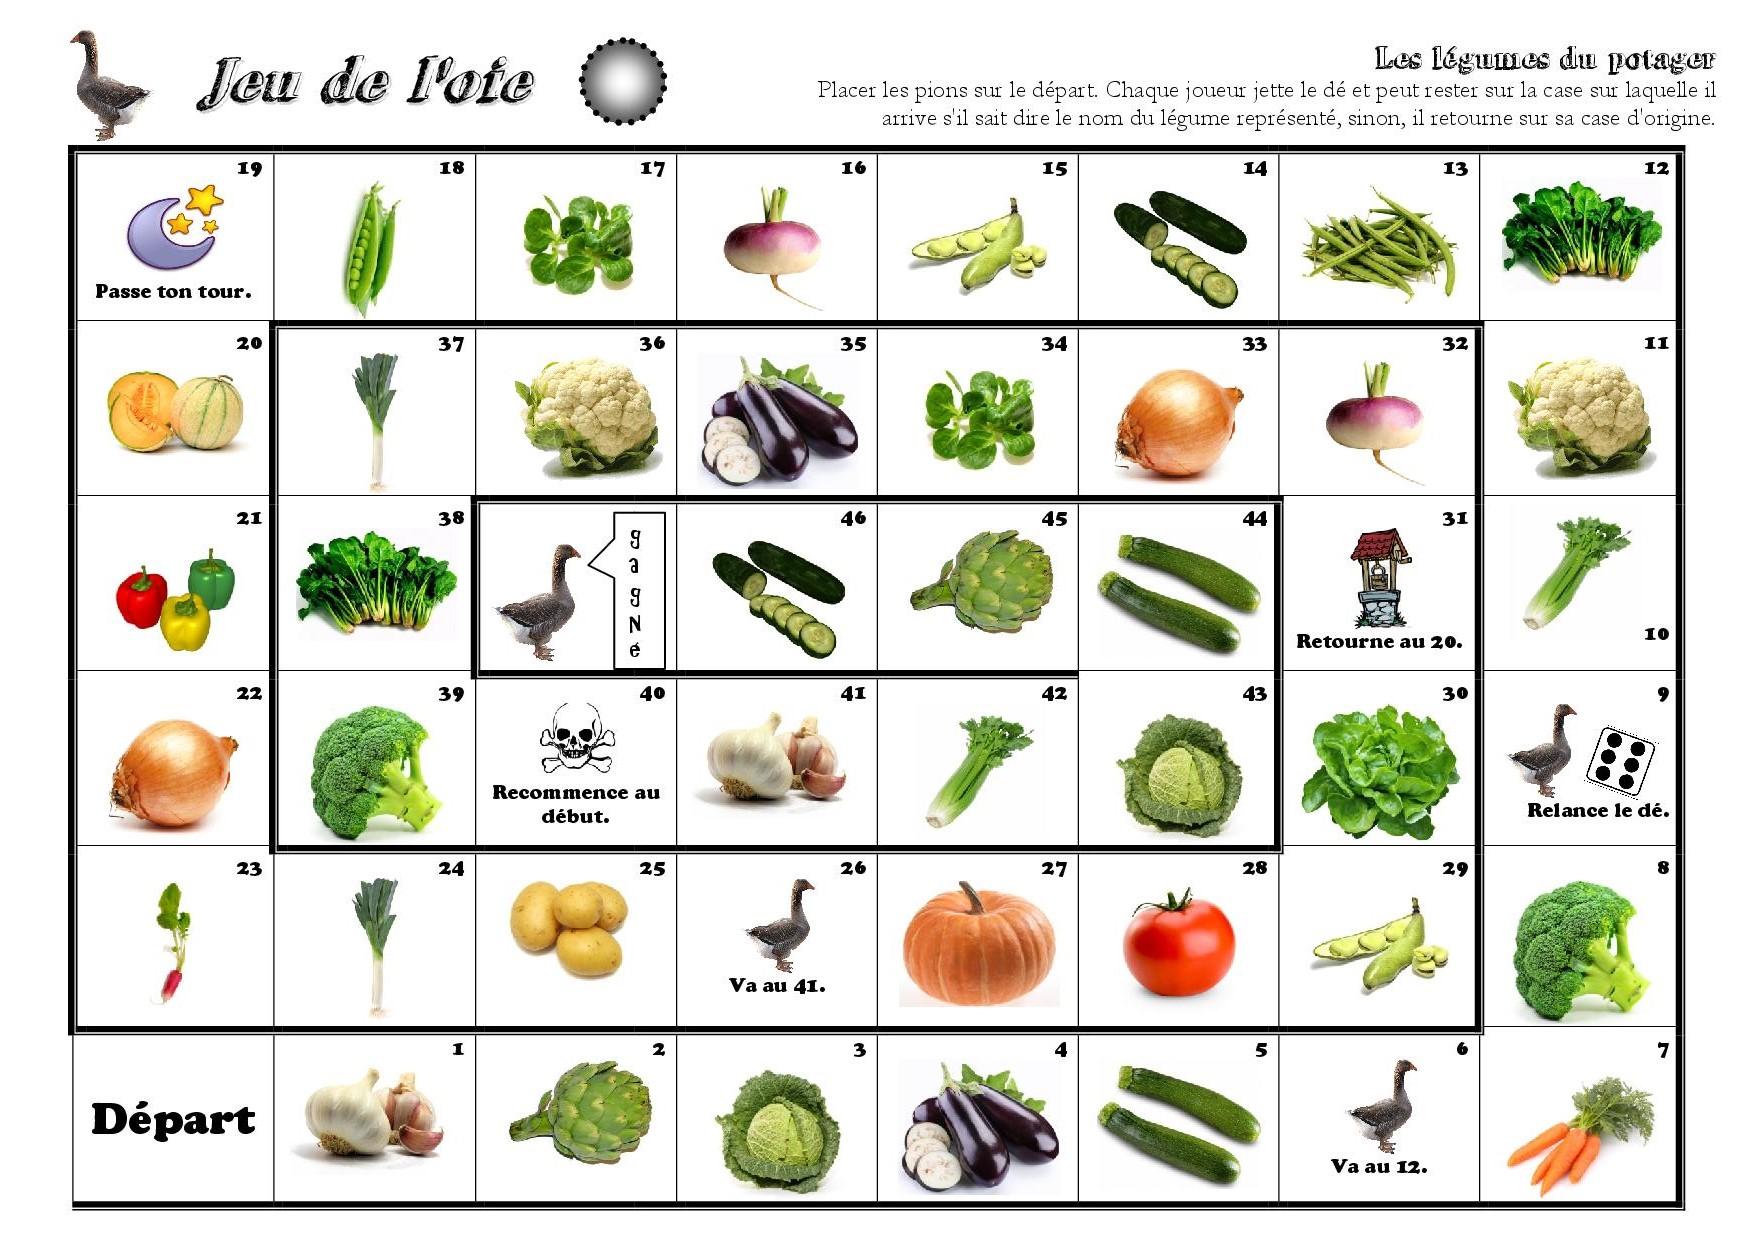 les-legumes-du-potager-jeu-de-loie